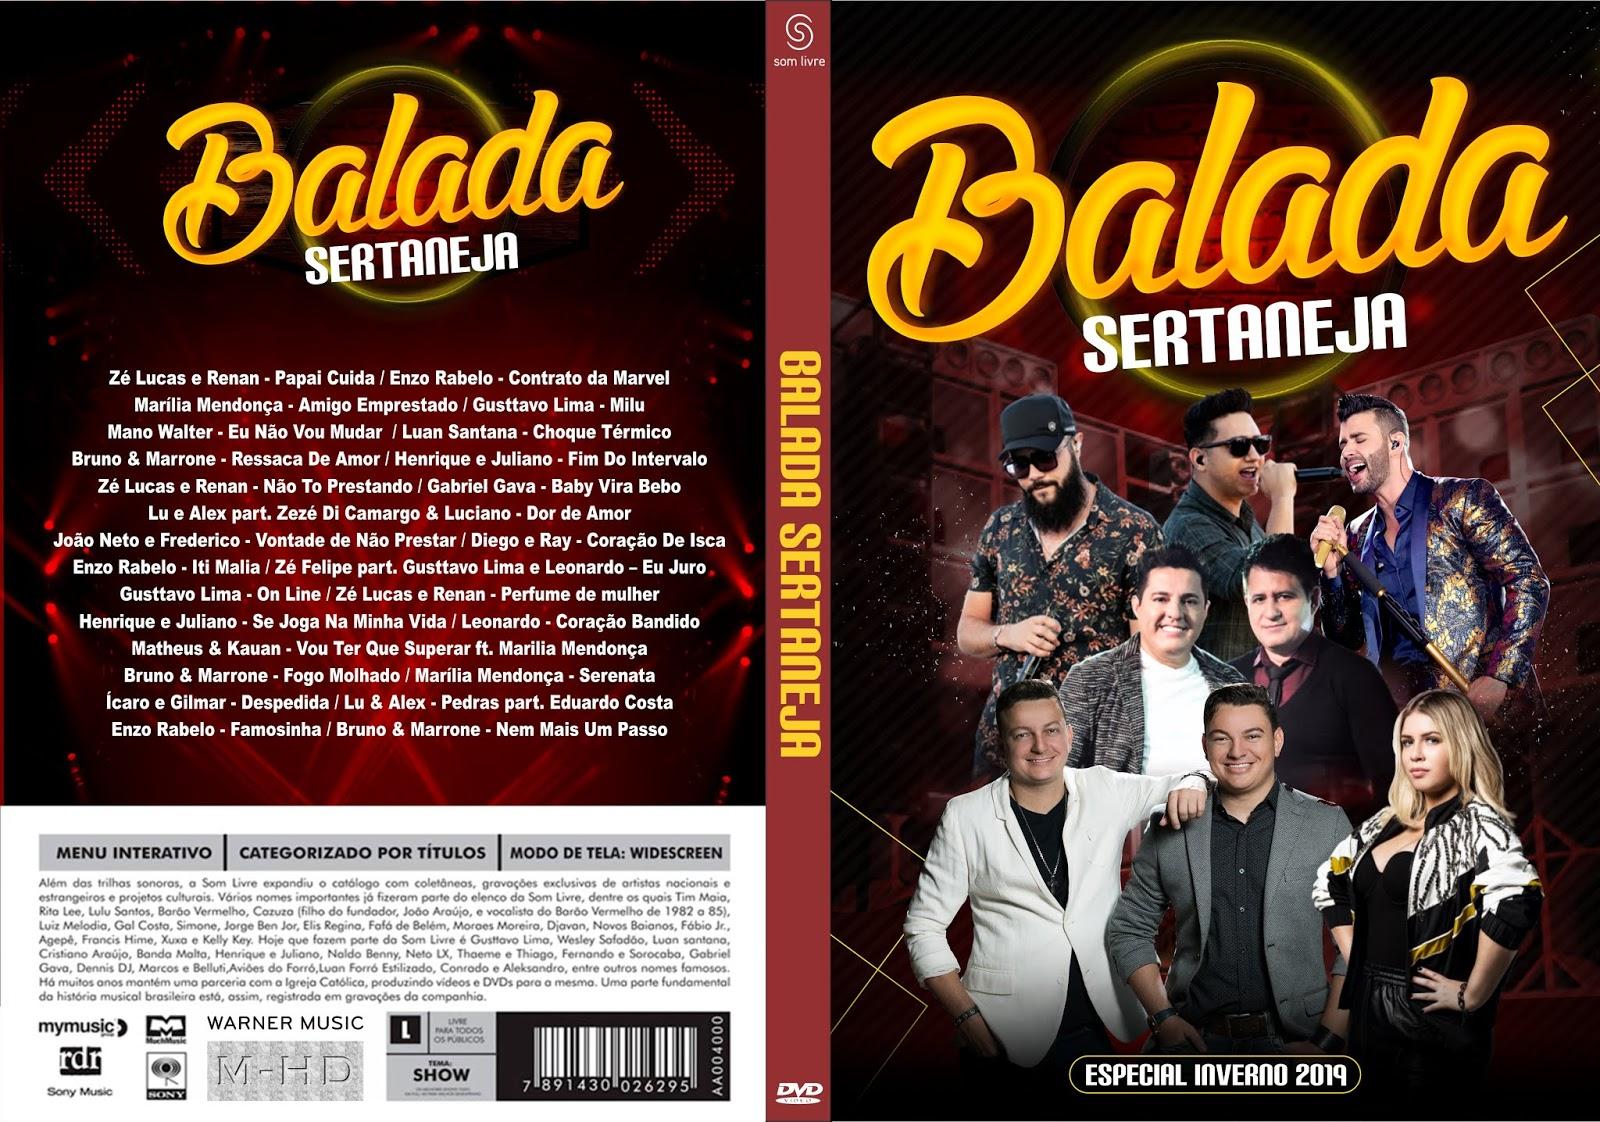 AVI MUNDO DE DVD DOWNLOAD GRÁTIS GOSTA EM TODO PARANGOLE